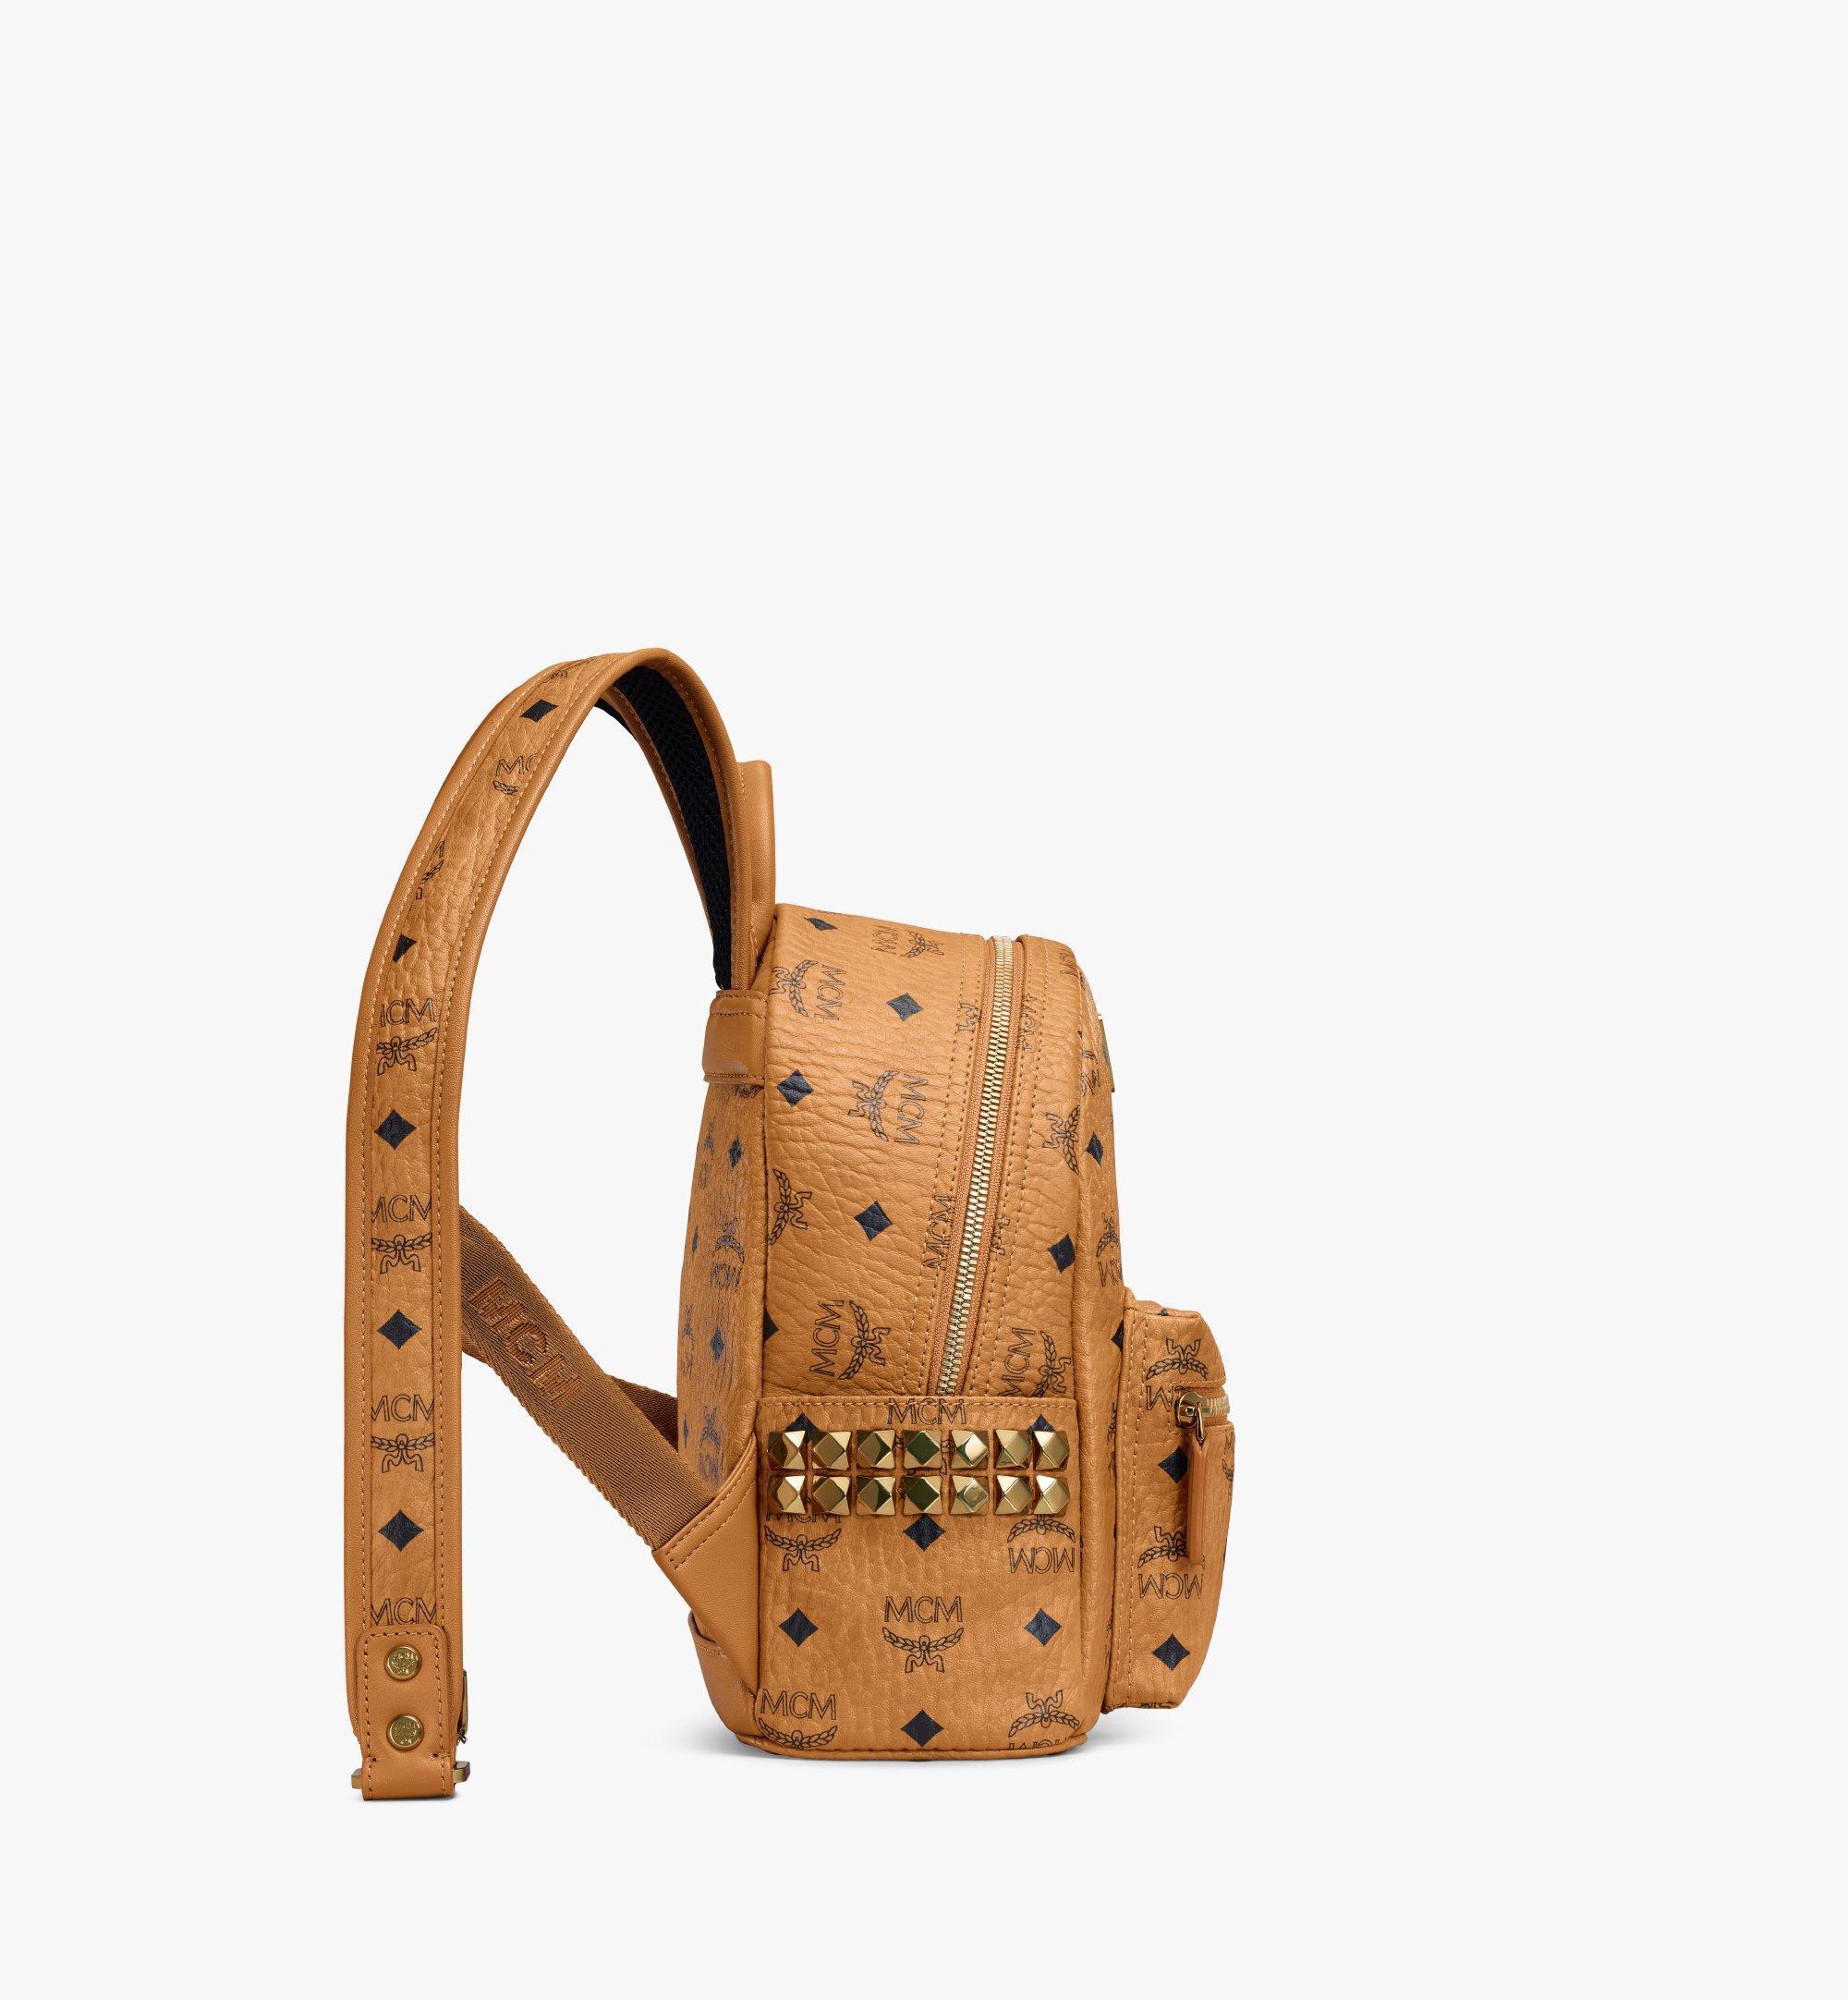 27 cm 10.5 in Stark Side Studs Rucksack in Visetos Cognac